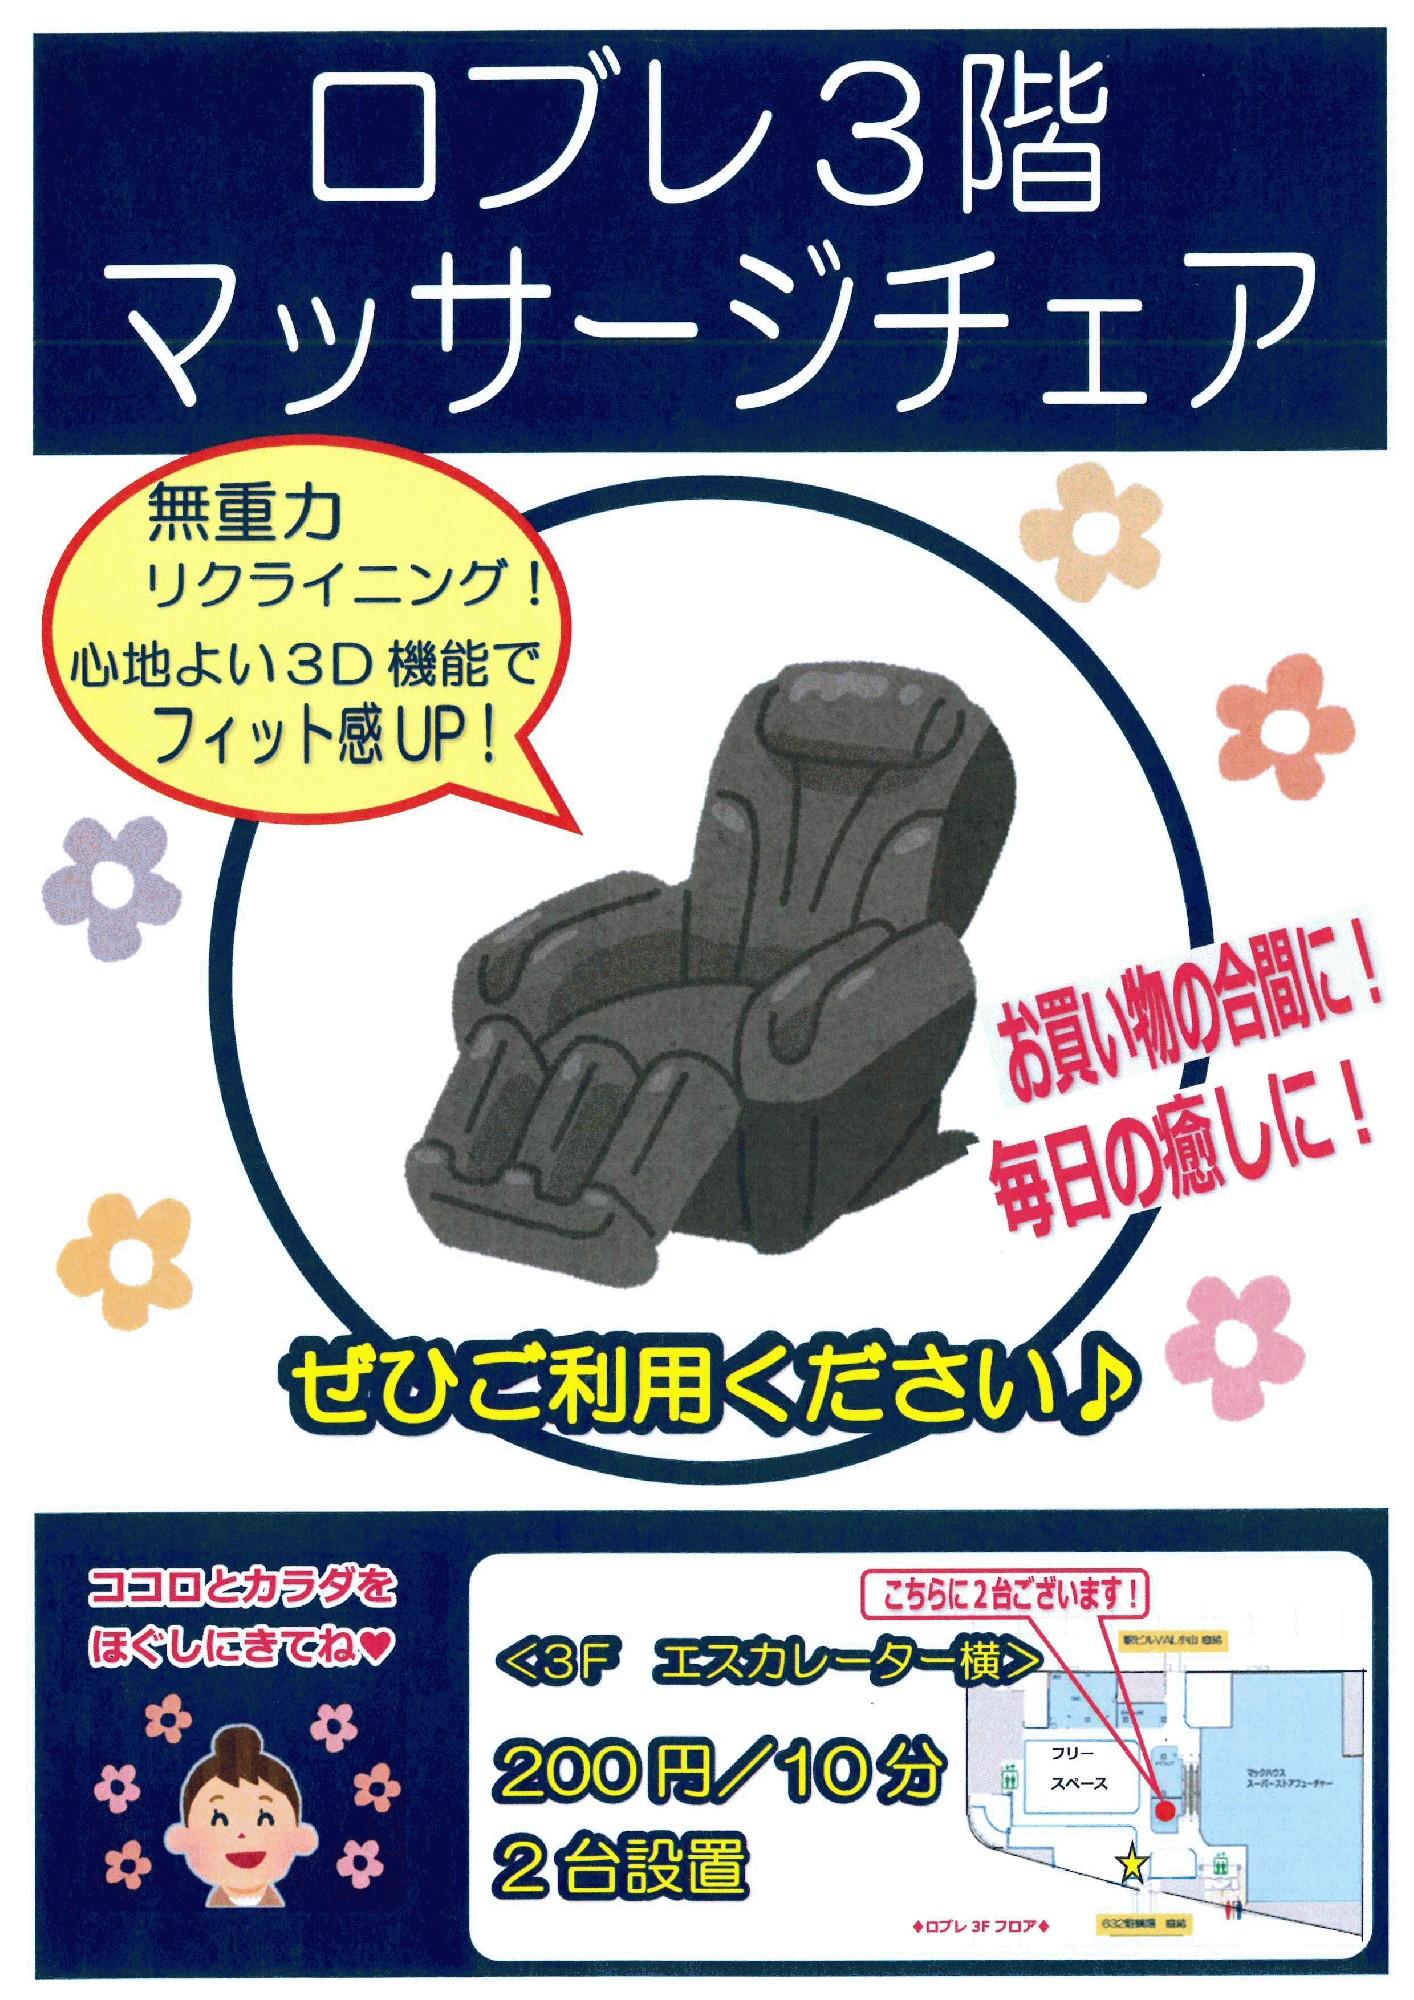 ロブレ6階にマッサージチェアー『あんま王2』登場!!